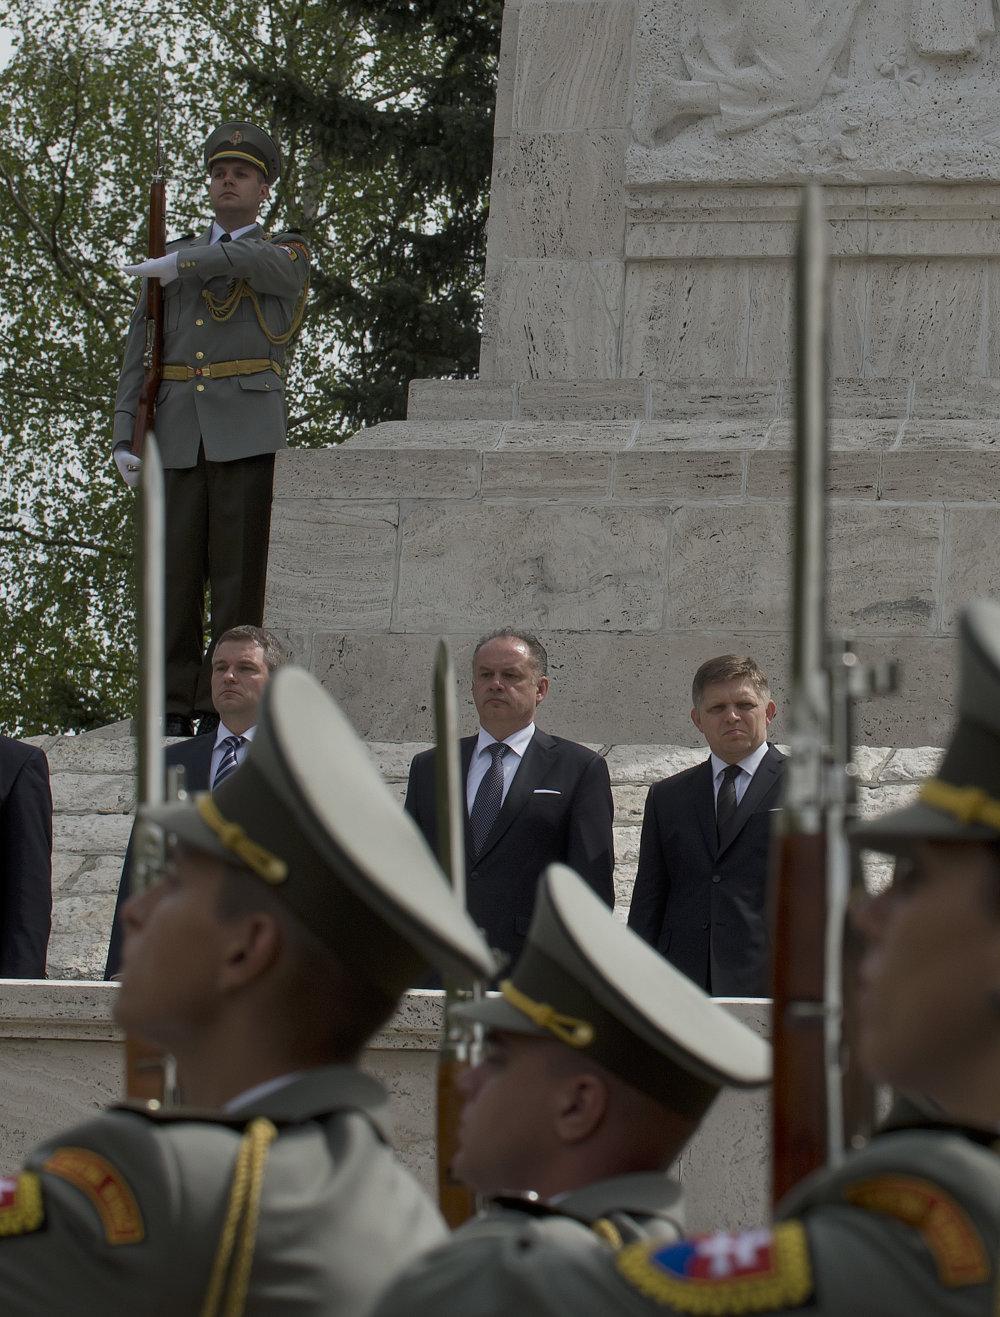 Najvyšší predstavitelia štátu na spomienke v Liptovskom Mikuláši. Foto - TASR